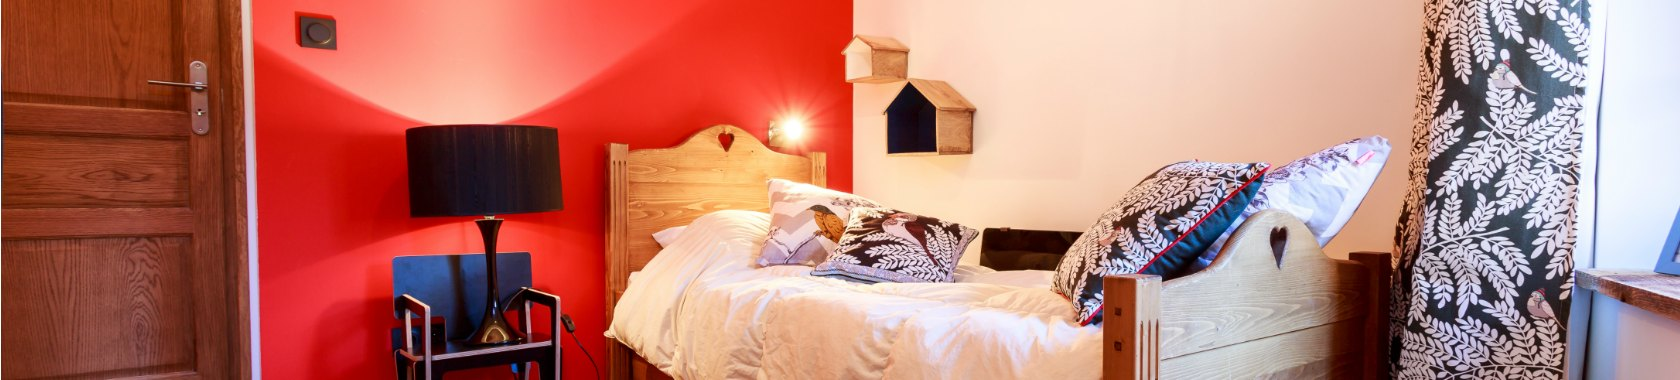 comment cr er un gite comment cr er une chambre d 39 h tes. Black Bedroom Furniture Sets. Home Design Ideas